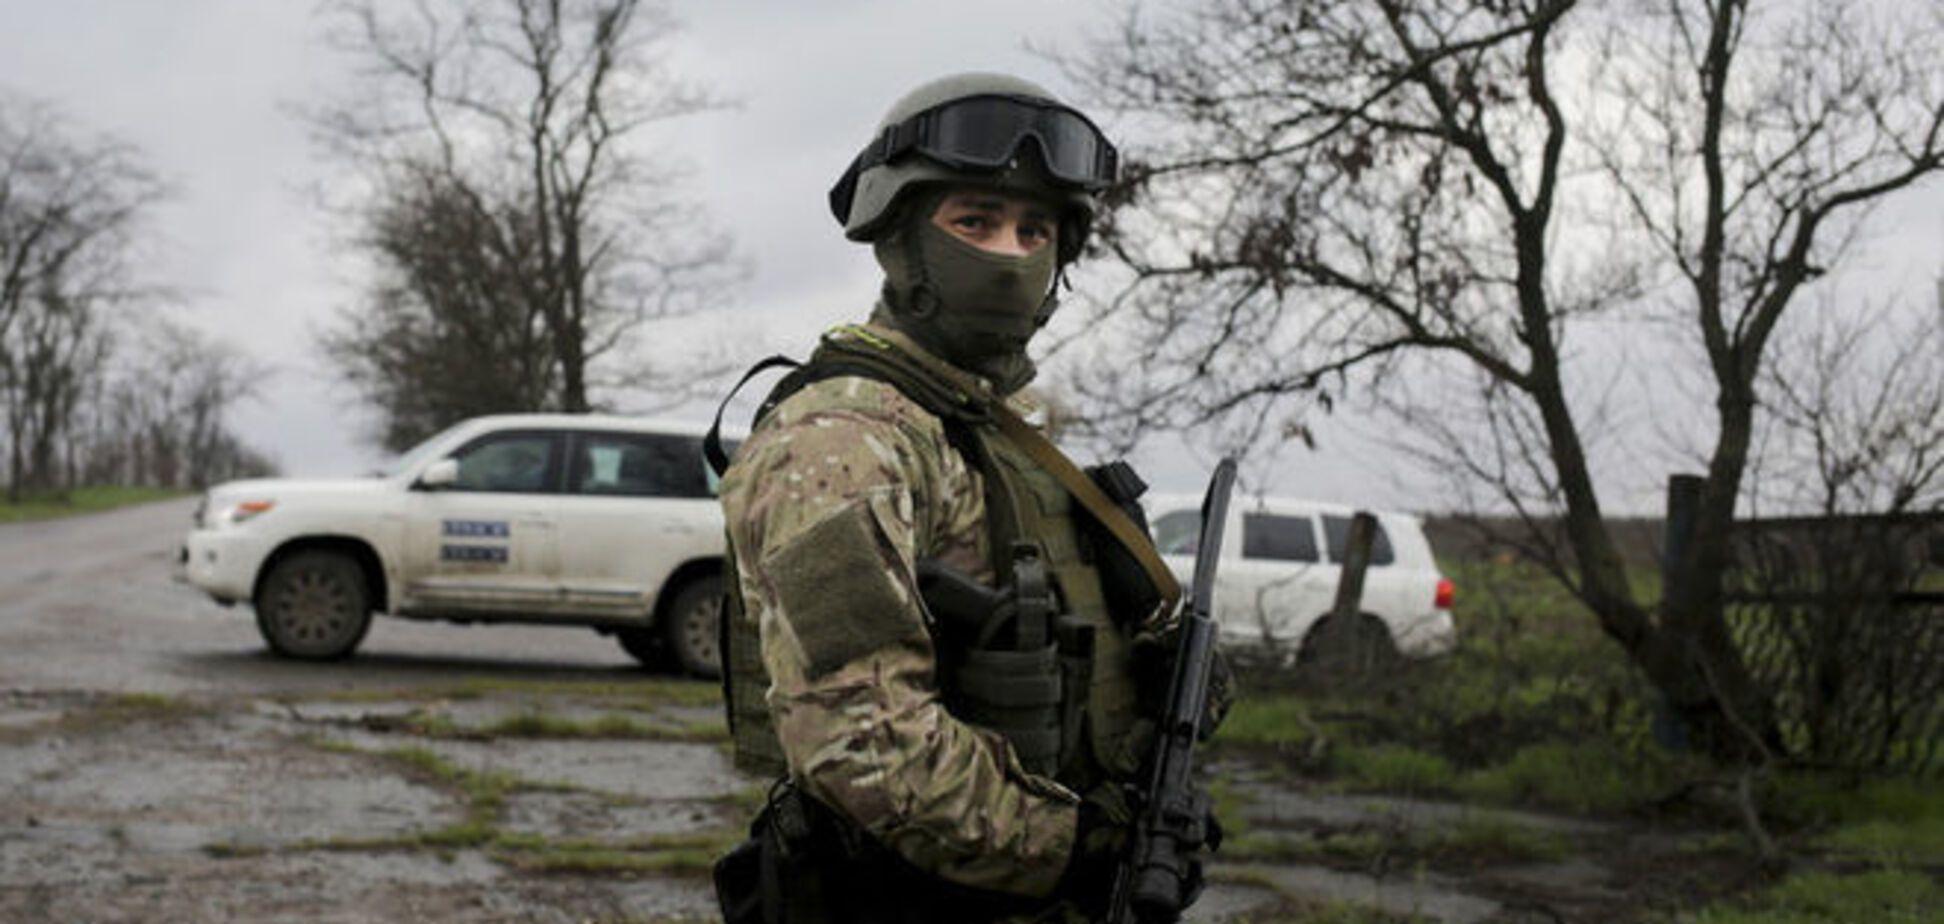 В Широкино возобновились интенсивные обстрелы - ОБСЕ